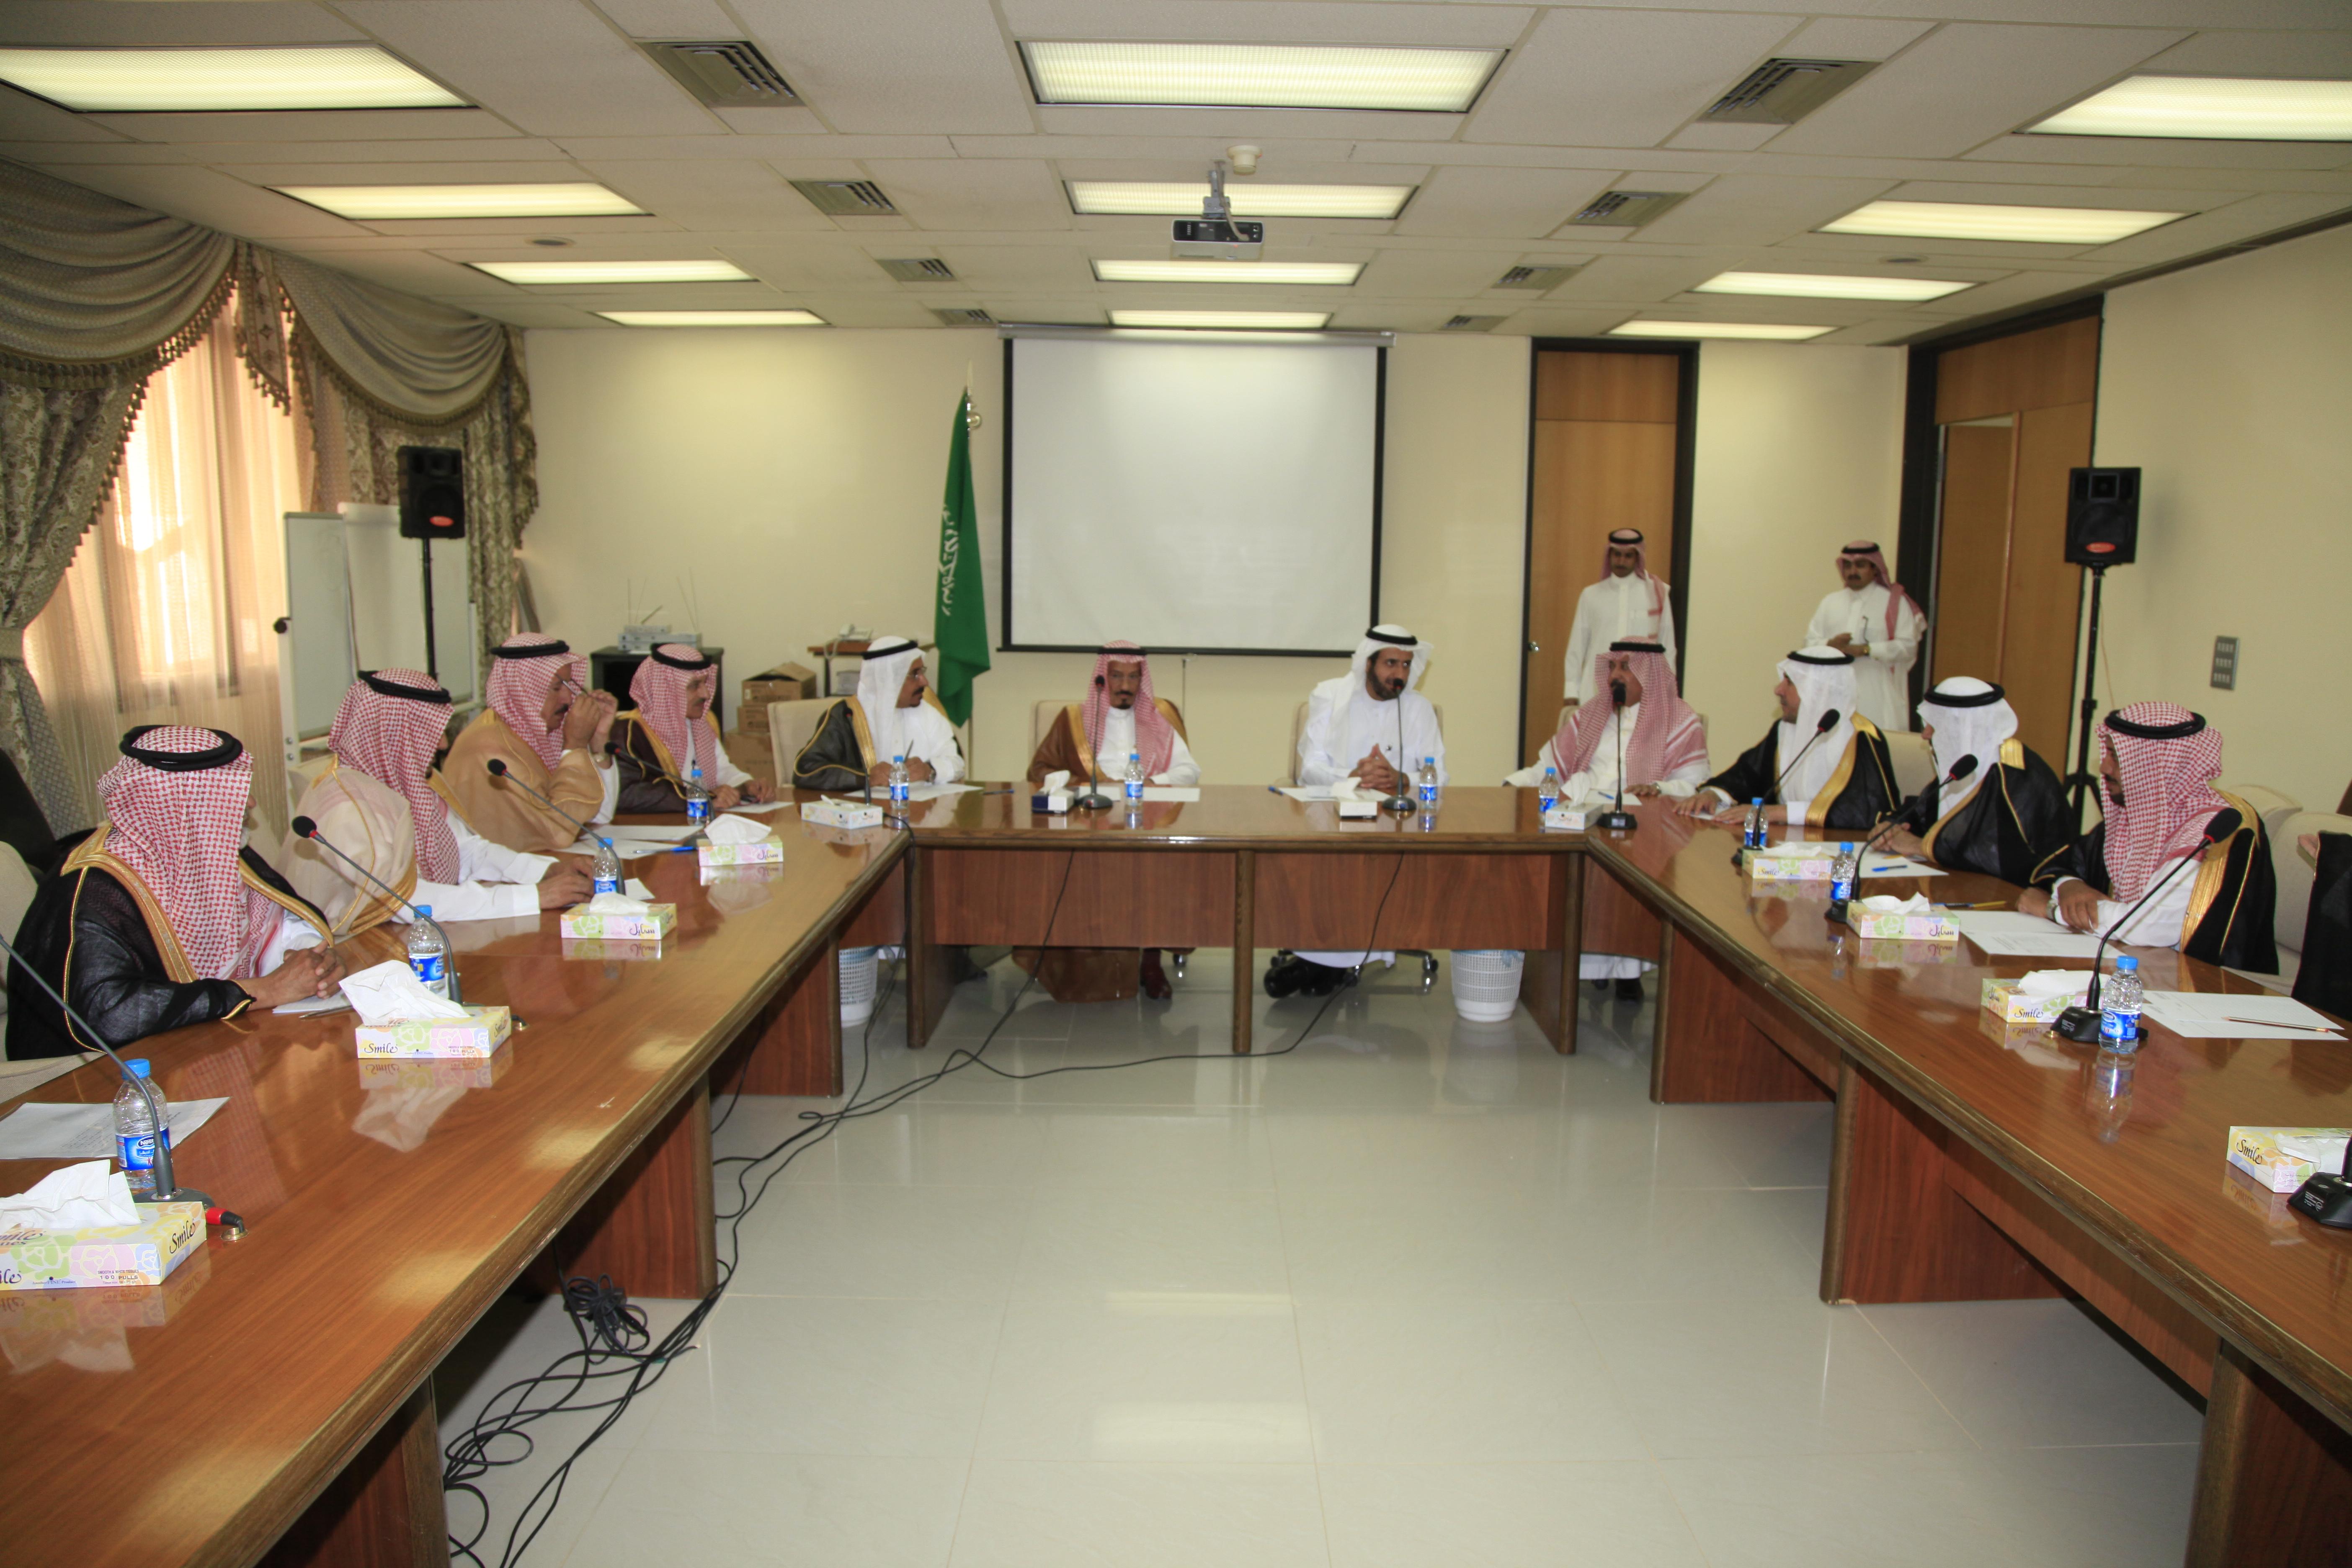 وزير التجارة يلتقي اعضاء المجلس التنفيذية بفروع غرفة الرياض بالمحافظات